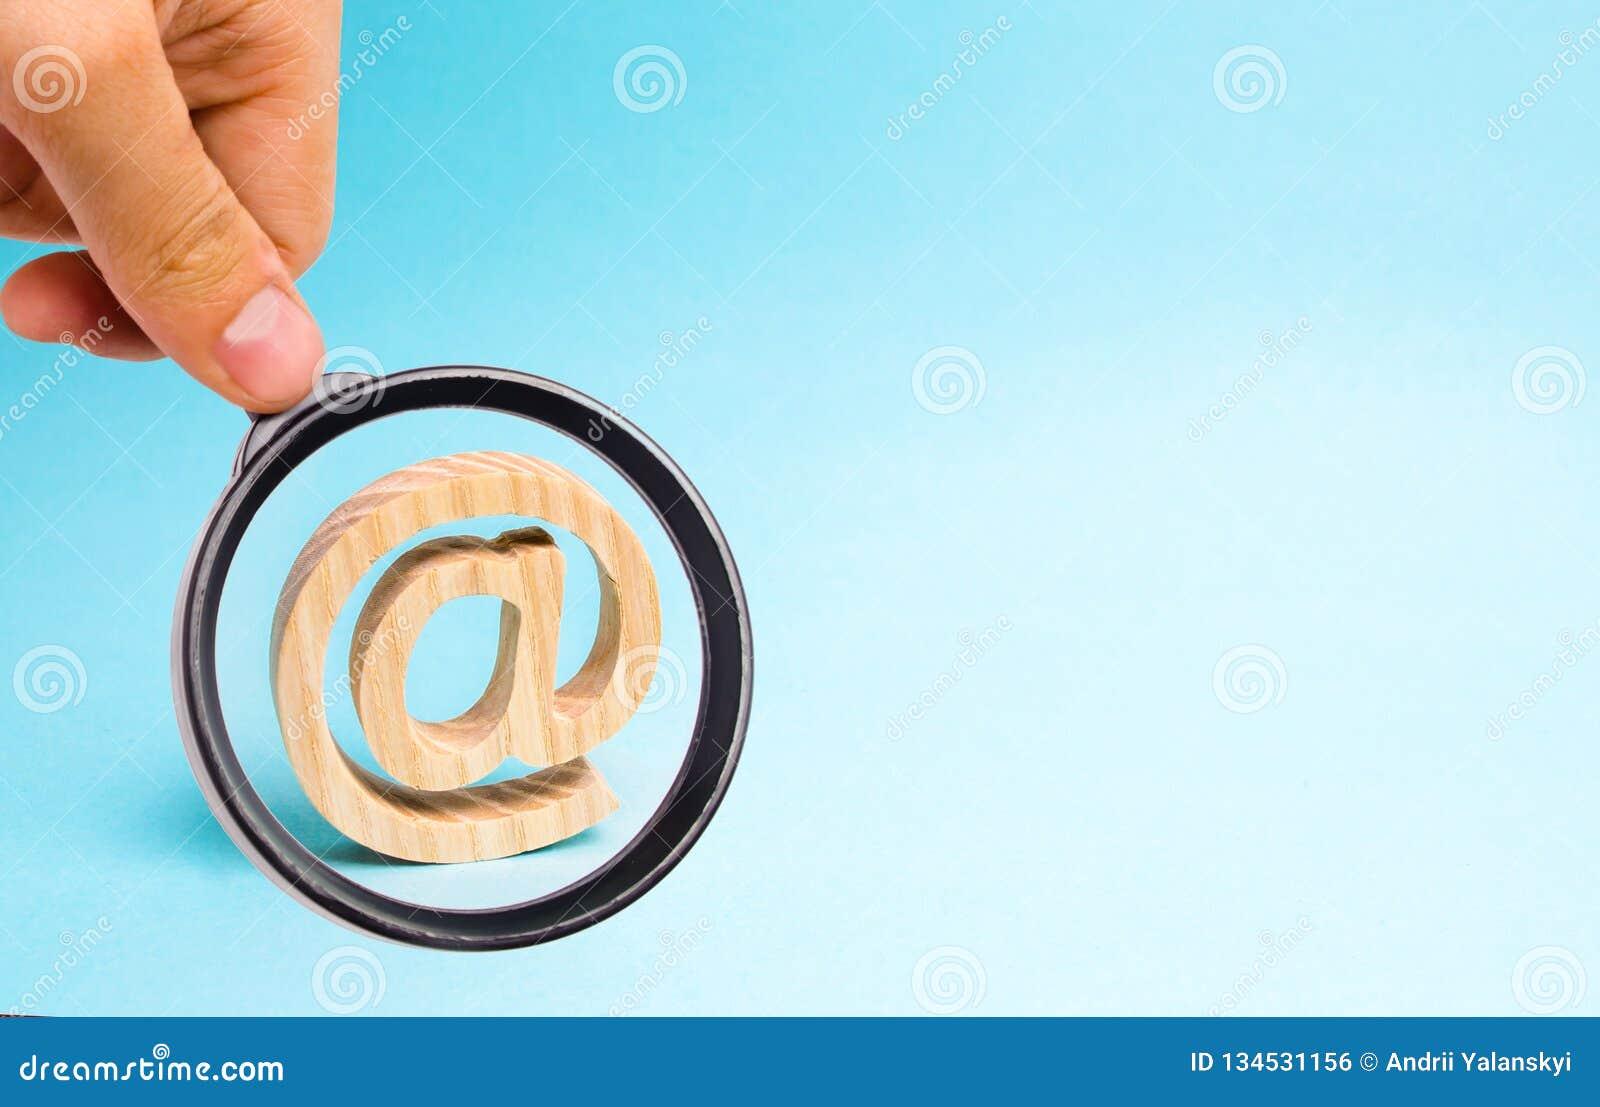 Powiększający - szkło jest przyglądający Internetowa korespondencja, komunikacja na internecie Email ikona na błękitnym tle